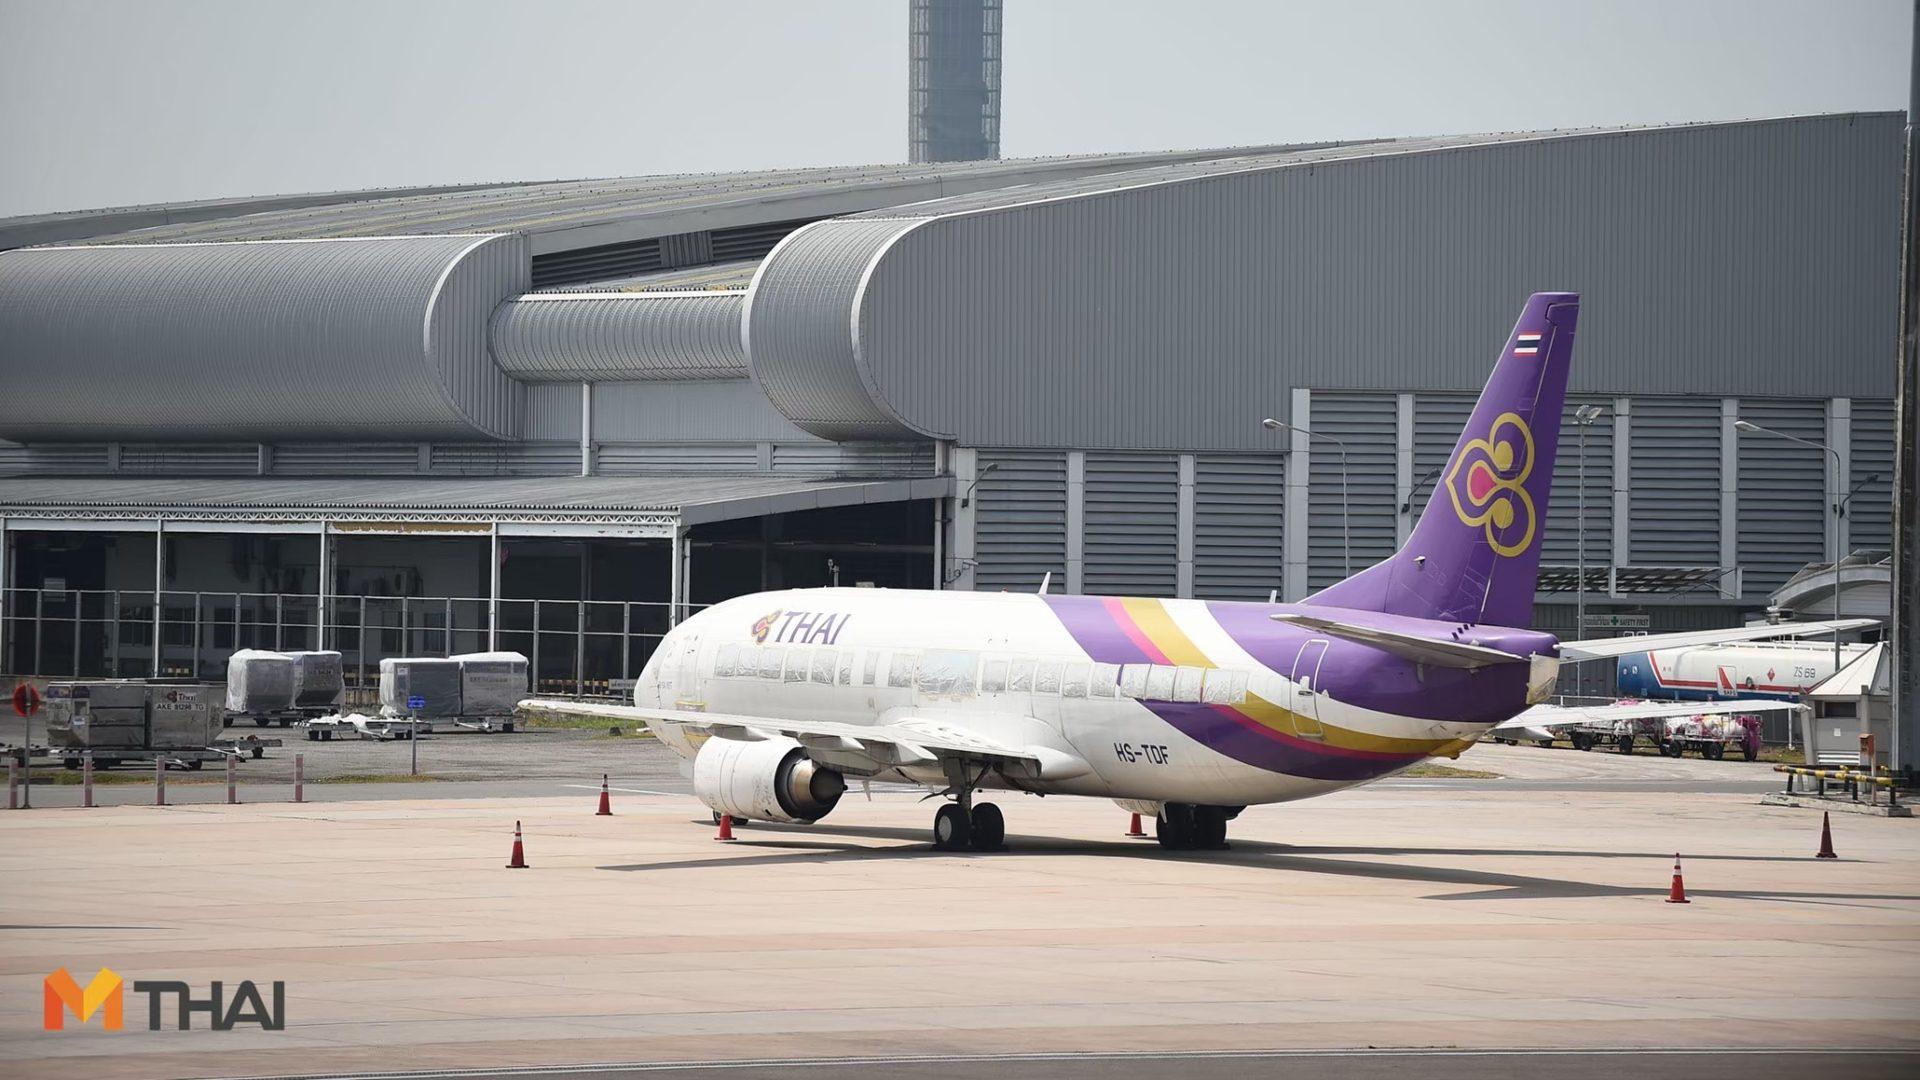 กระแสดี!! 'การบินไทย' จัดเที่ยวสายบุญ บินวน 99 วัด ฉลองปีใหม่ 64